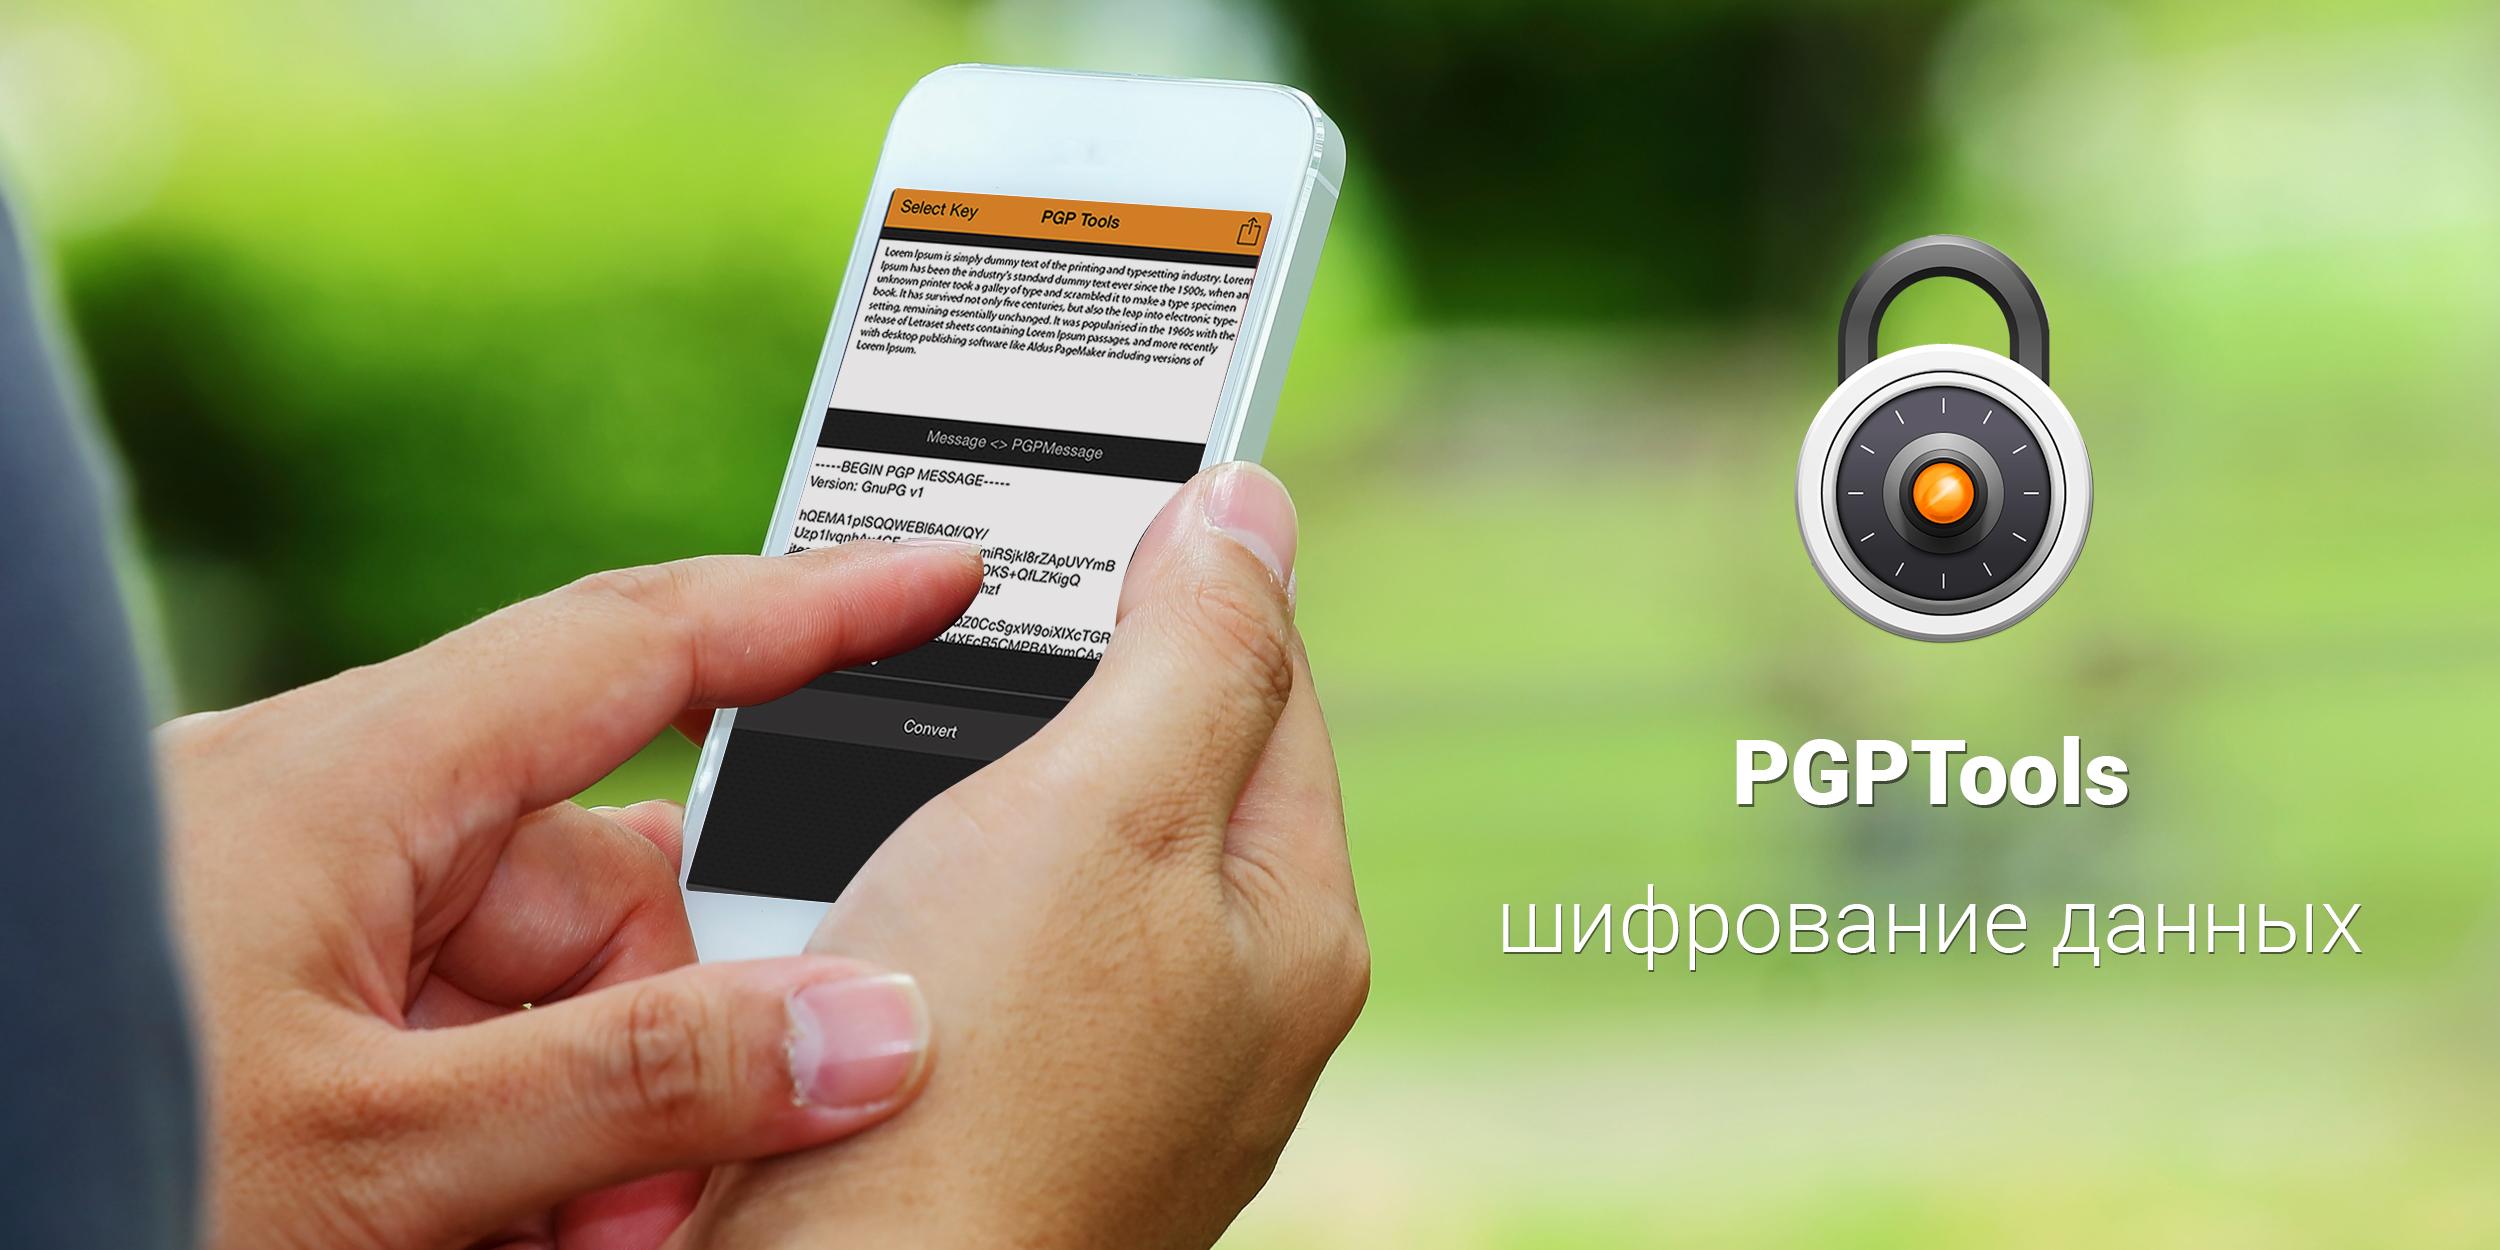 PGPTools — как надежно зашифровать переписку в любом мессенджере